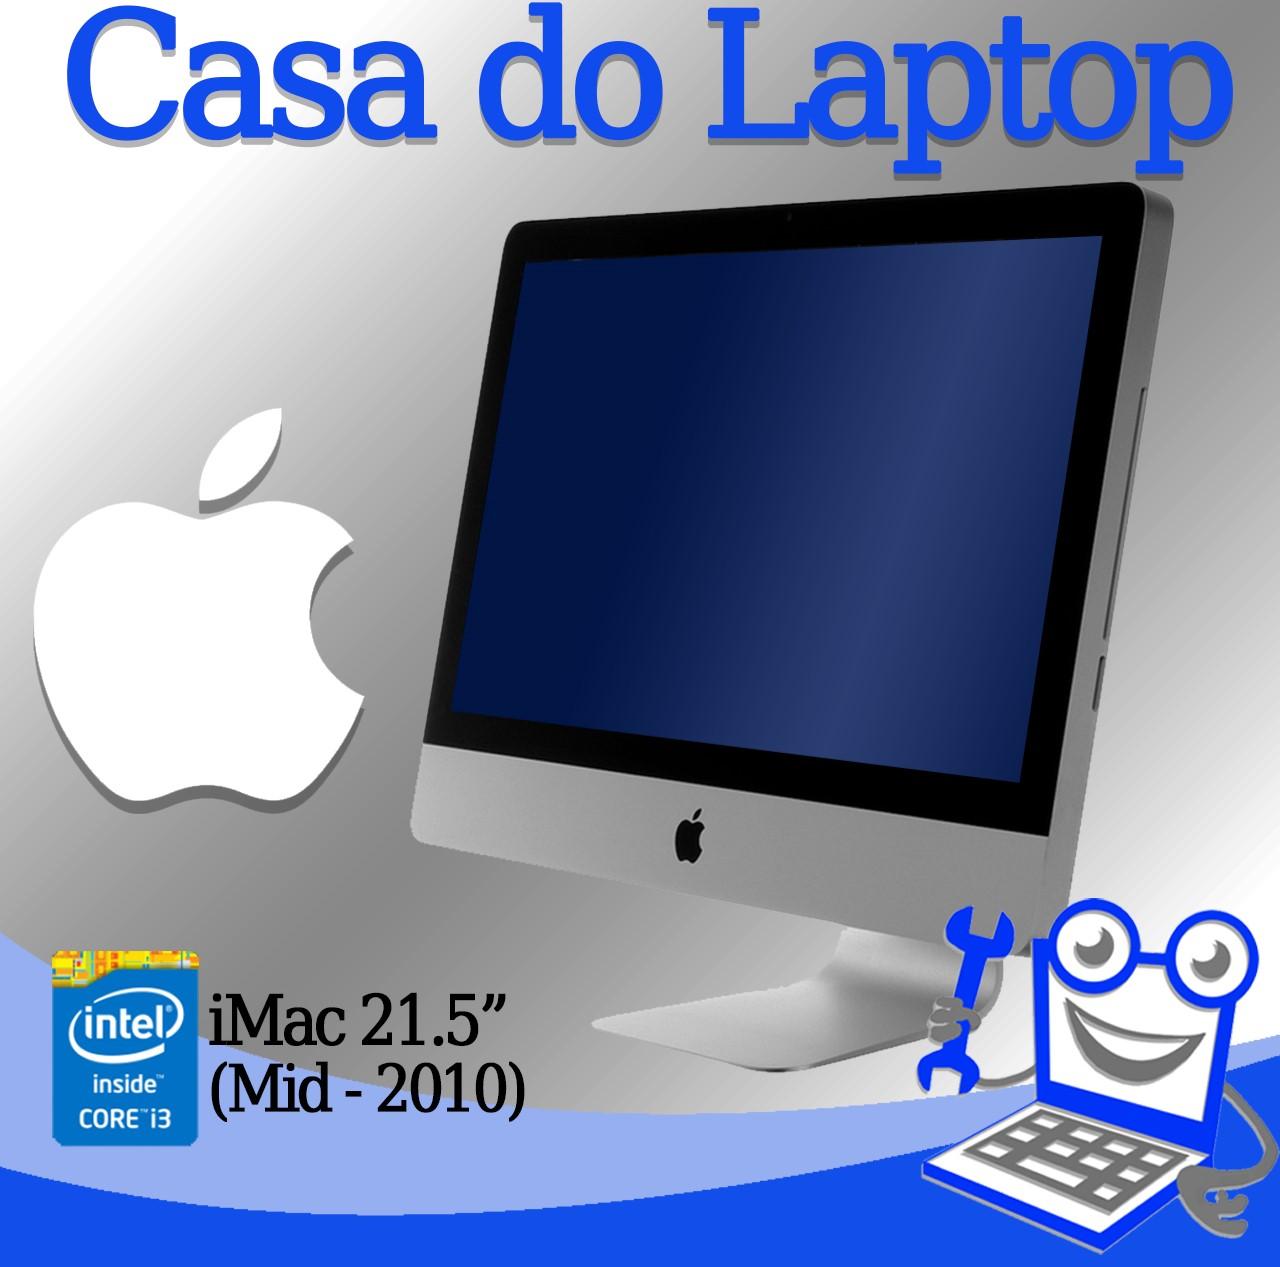 All in One Apple iMac (Mid-2010) Intel i3 - 1° geração 4GB de memória RAM e 500GB disco, 256MB de vídeo dedicado Radeon HD 4670